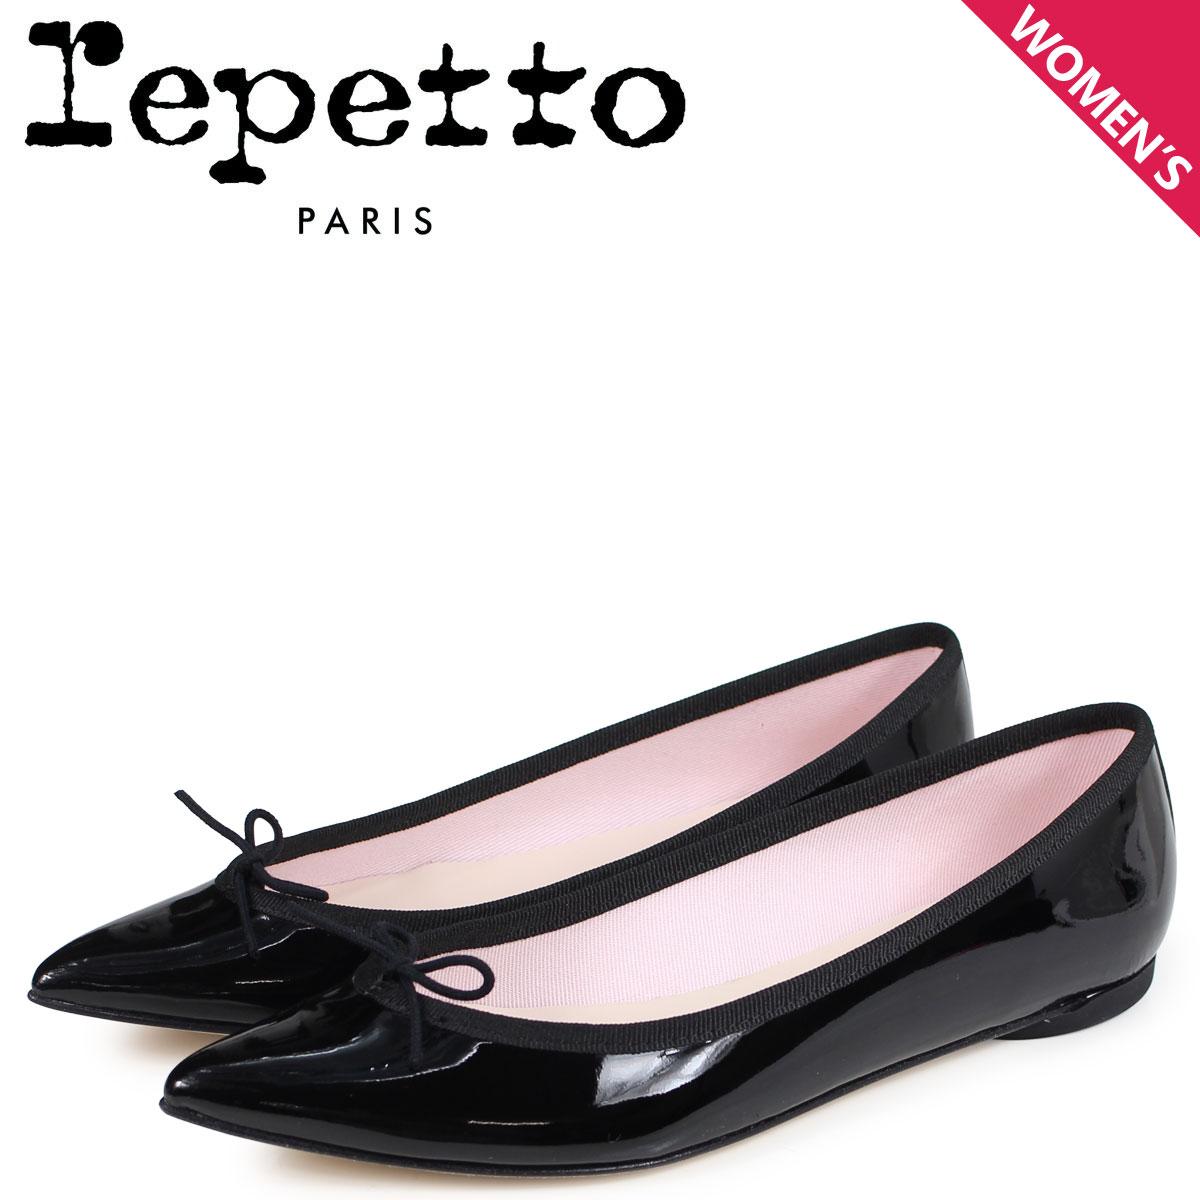 Repetto レペット バレエシューズ ブリジット パンプス レディース BRIGITTE BALLERINA ブラック 黒 V1556-410